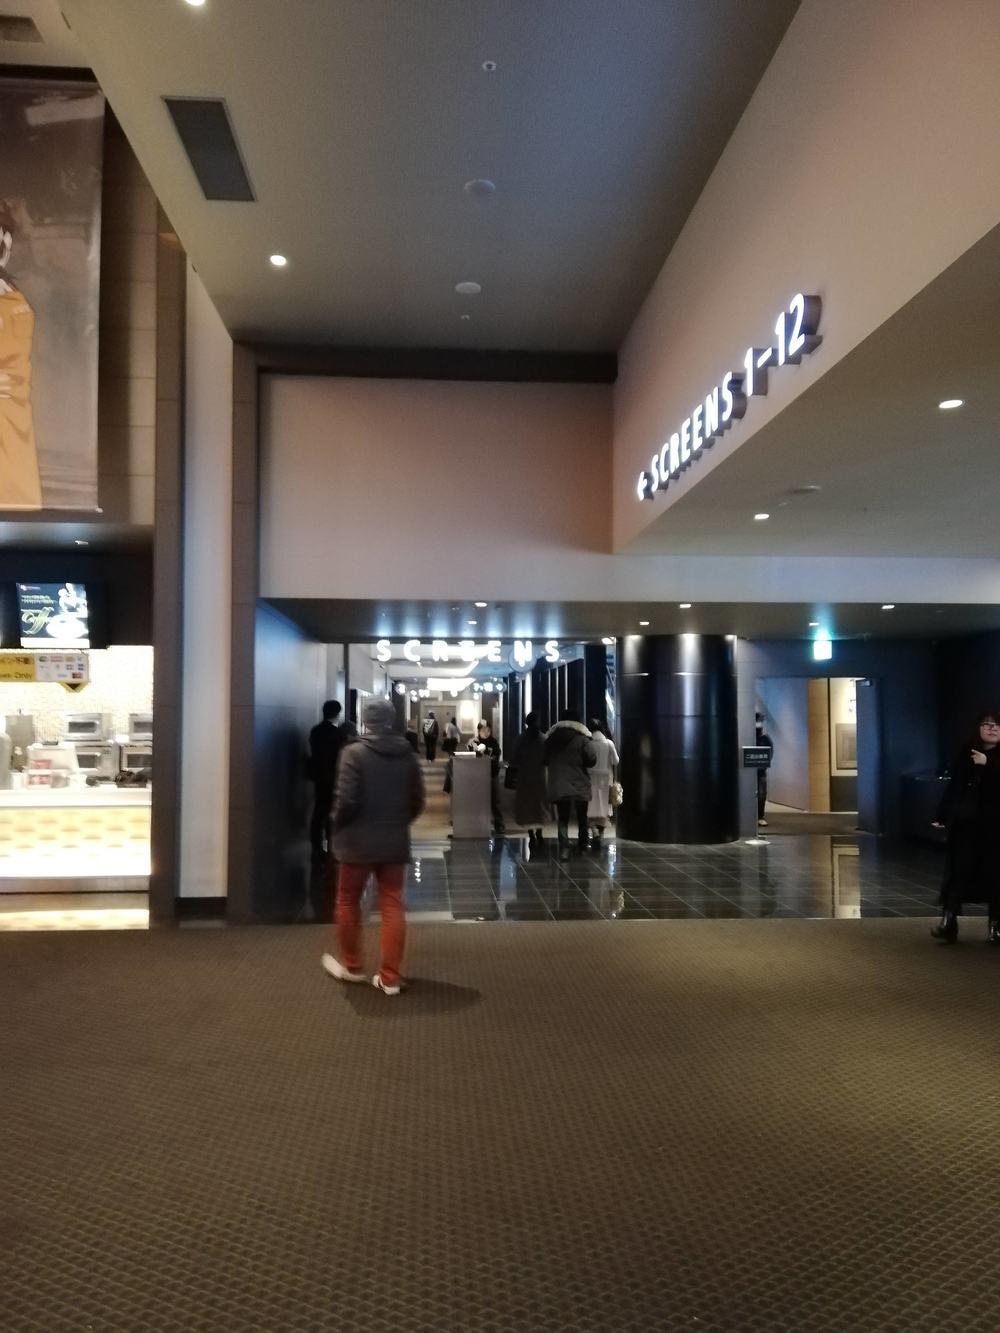 1200円で好きな映画鑑賞